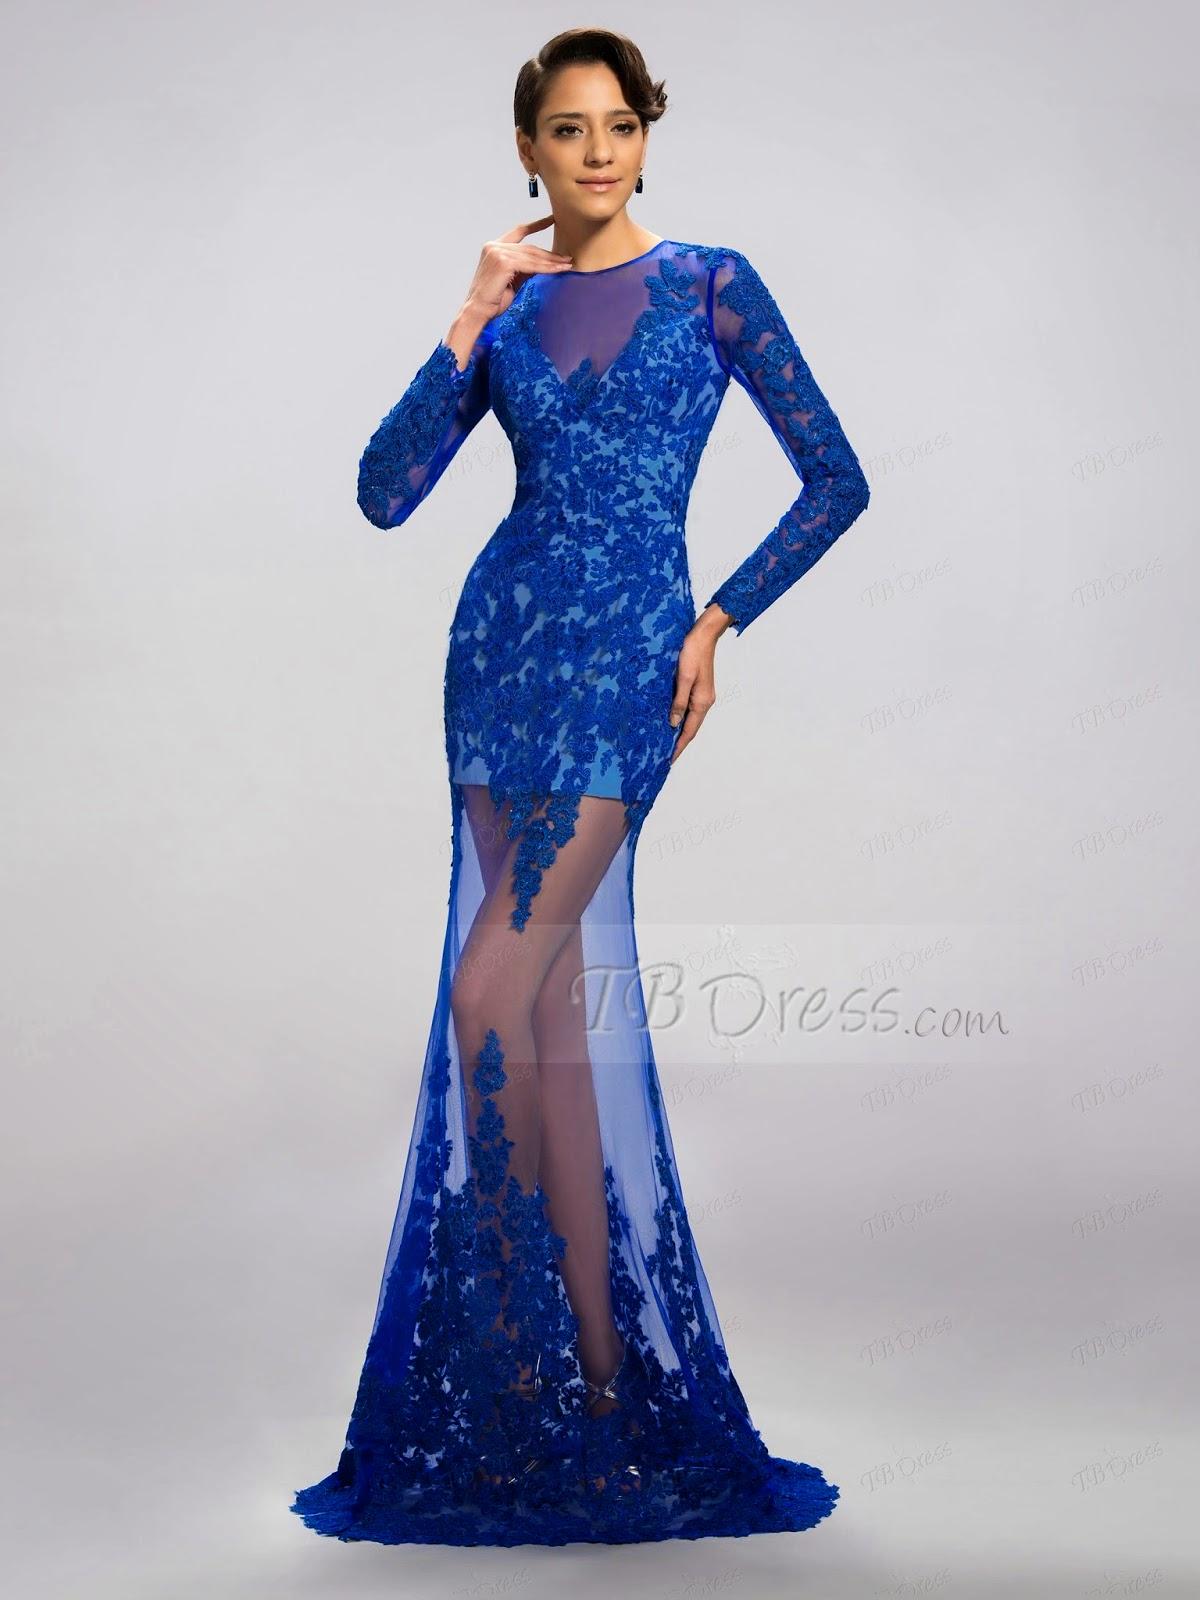 Macys Womens Dresses | Women Dresses | Gowns Wallpaper